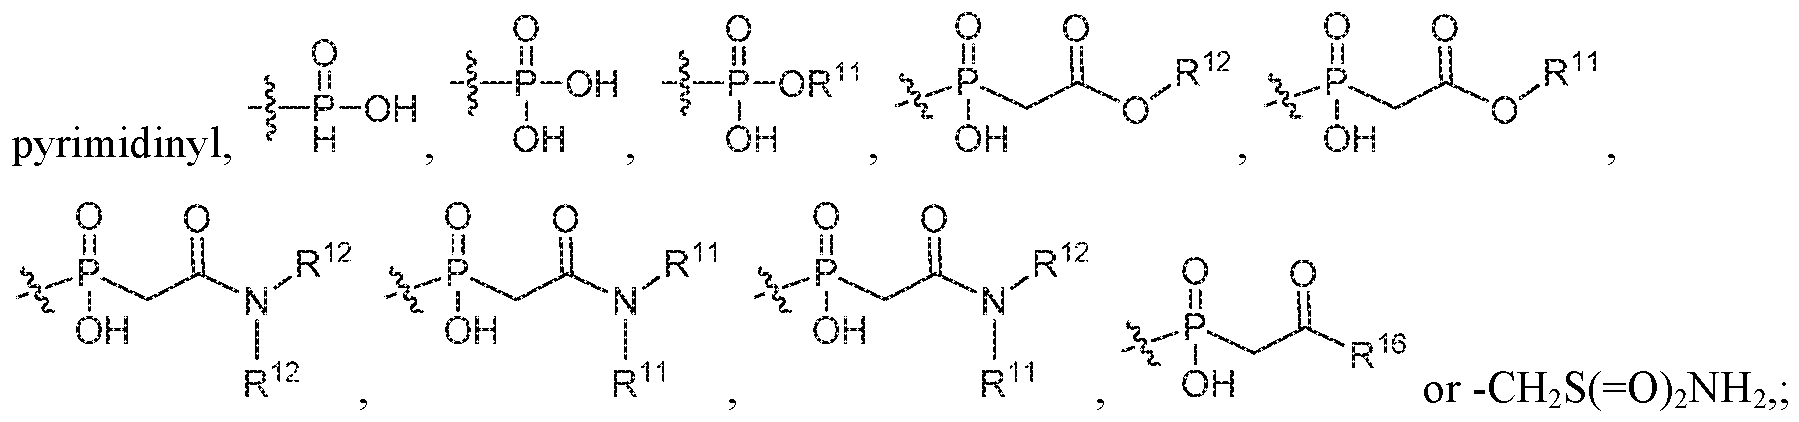 Figure imgf000301_0005